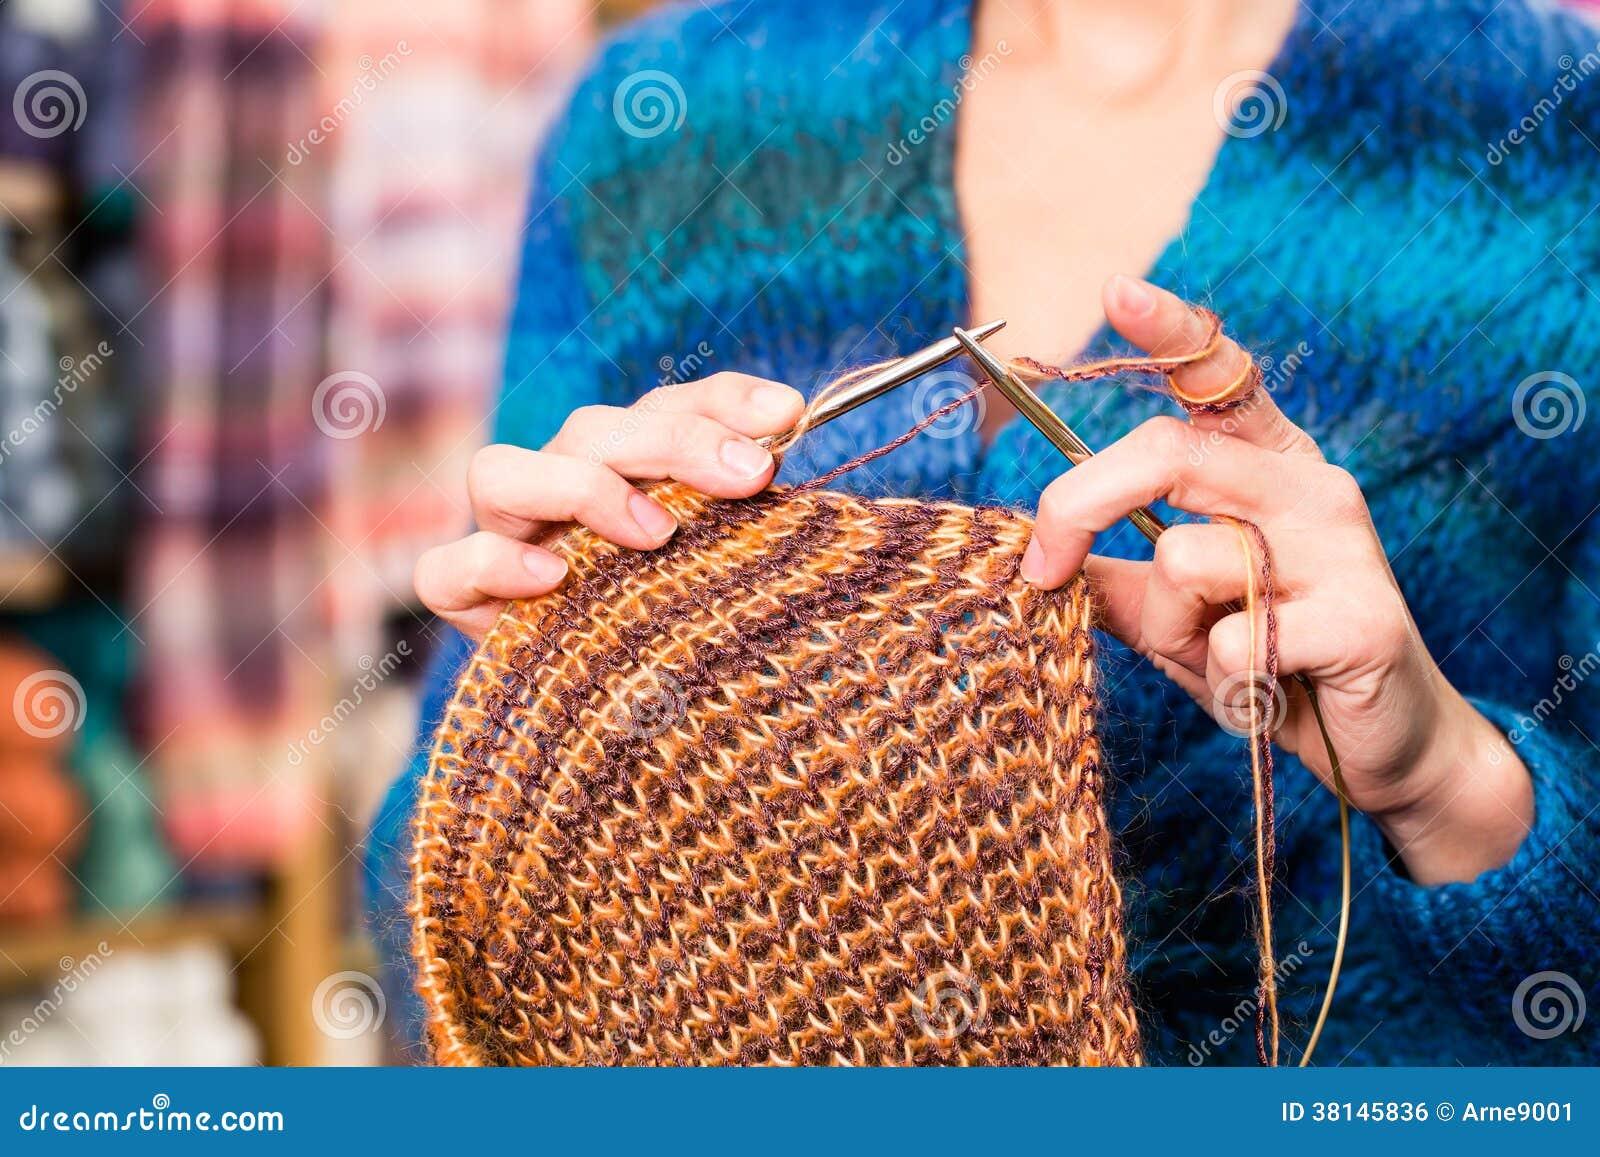 Comment tricoter a l 39 aiguille - Comment tricoter avec des aiguilles circulaires ...